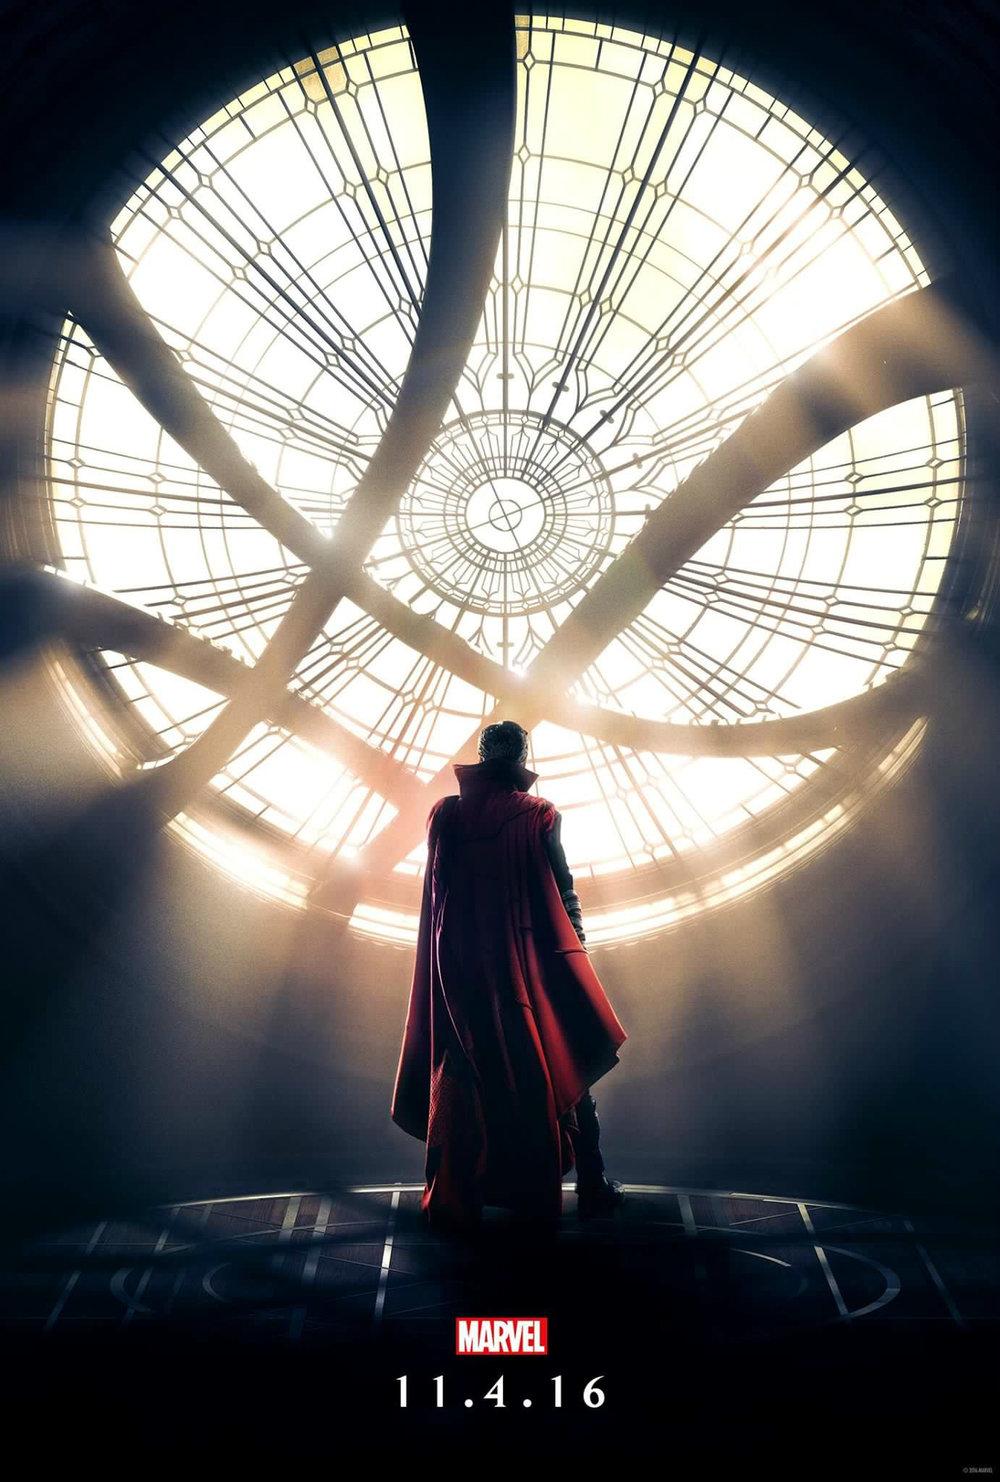 doctor-strange-marvel-movie-poster.jpg